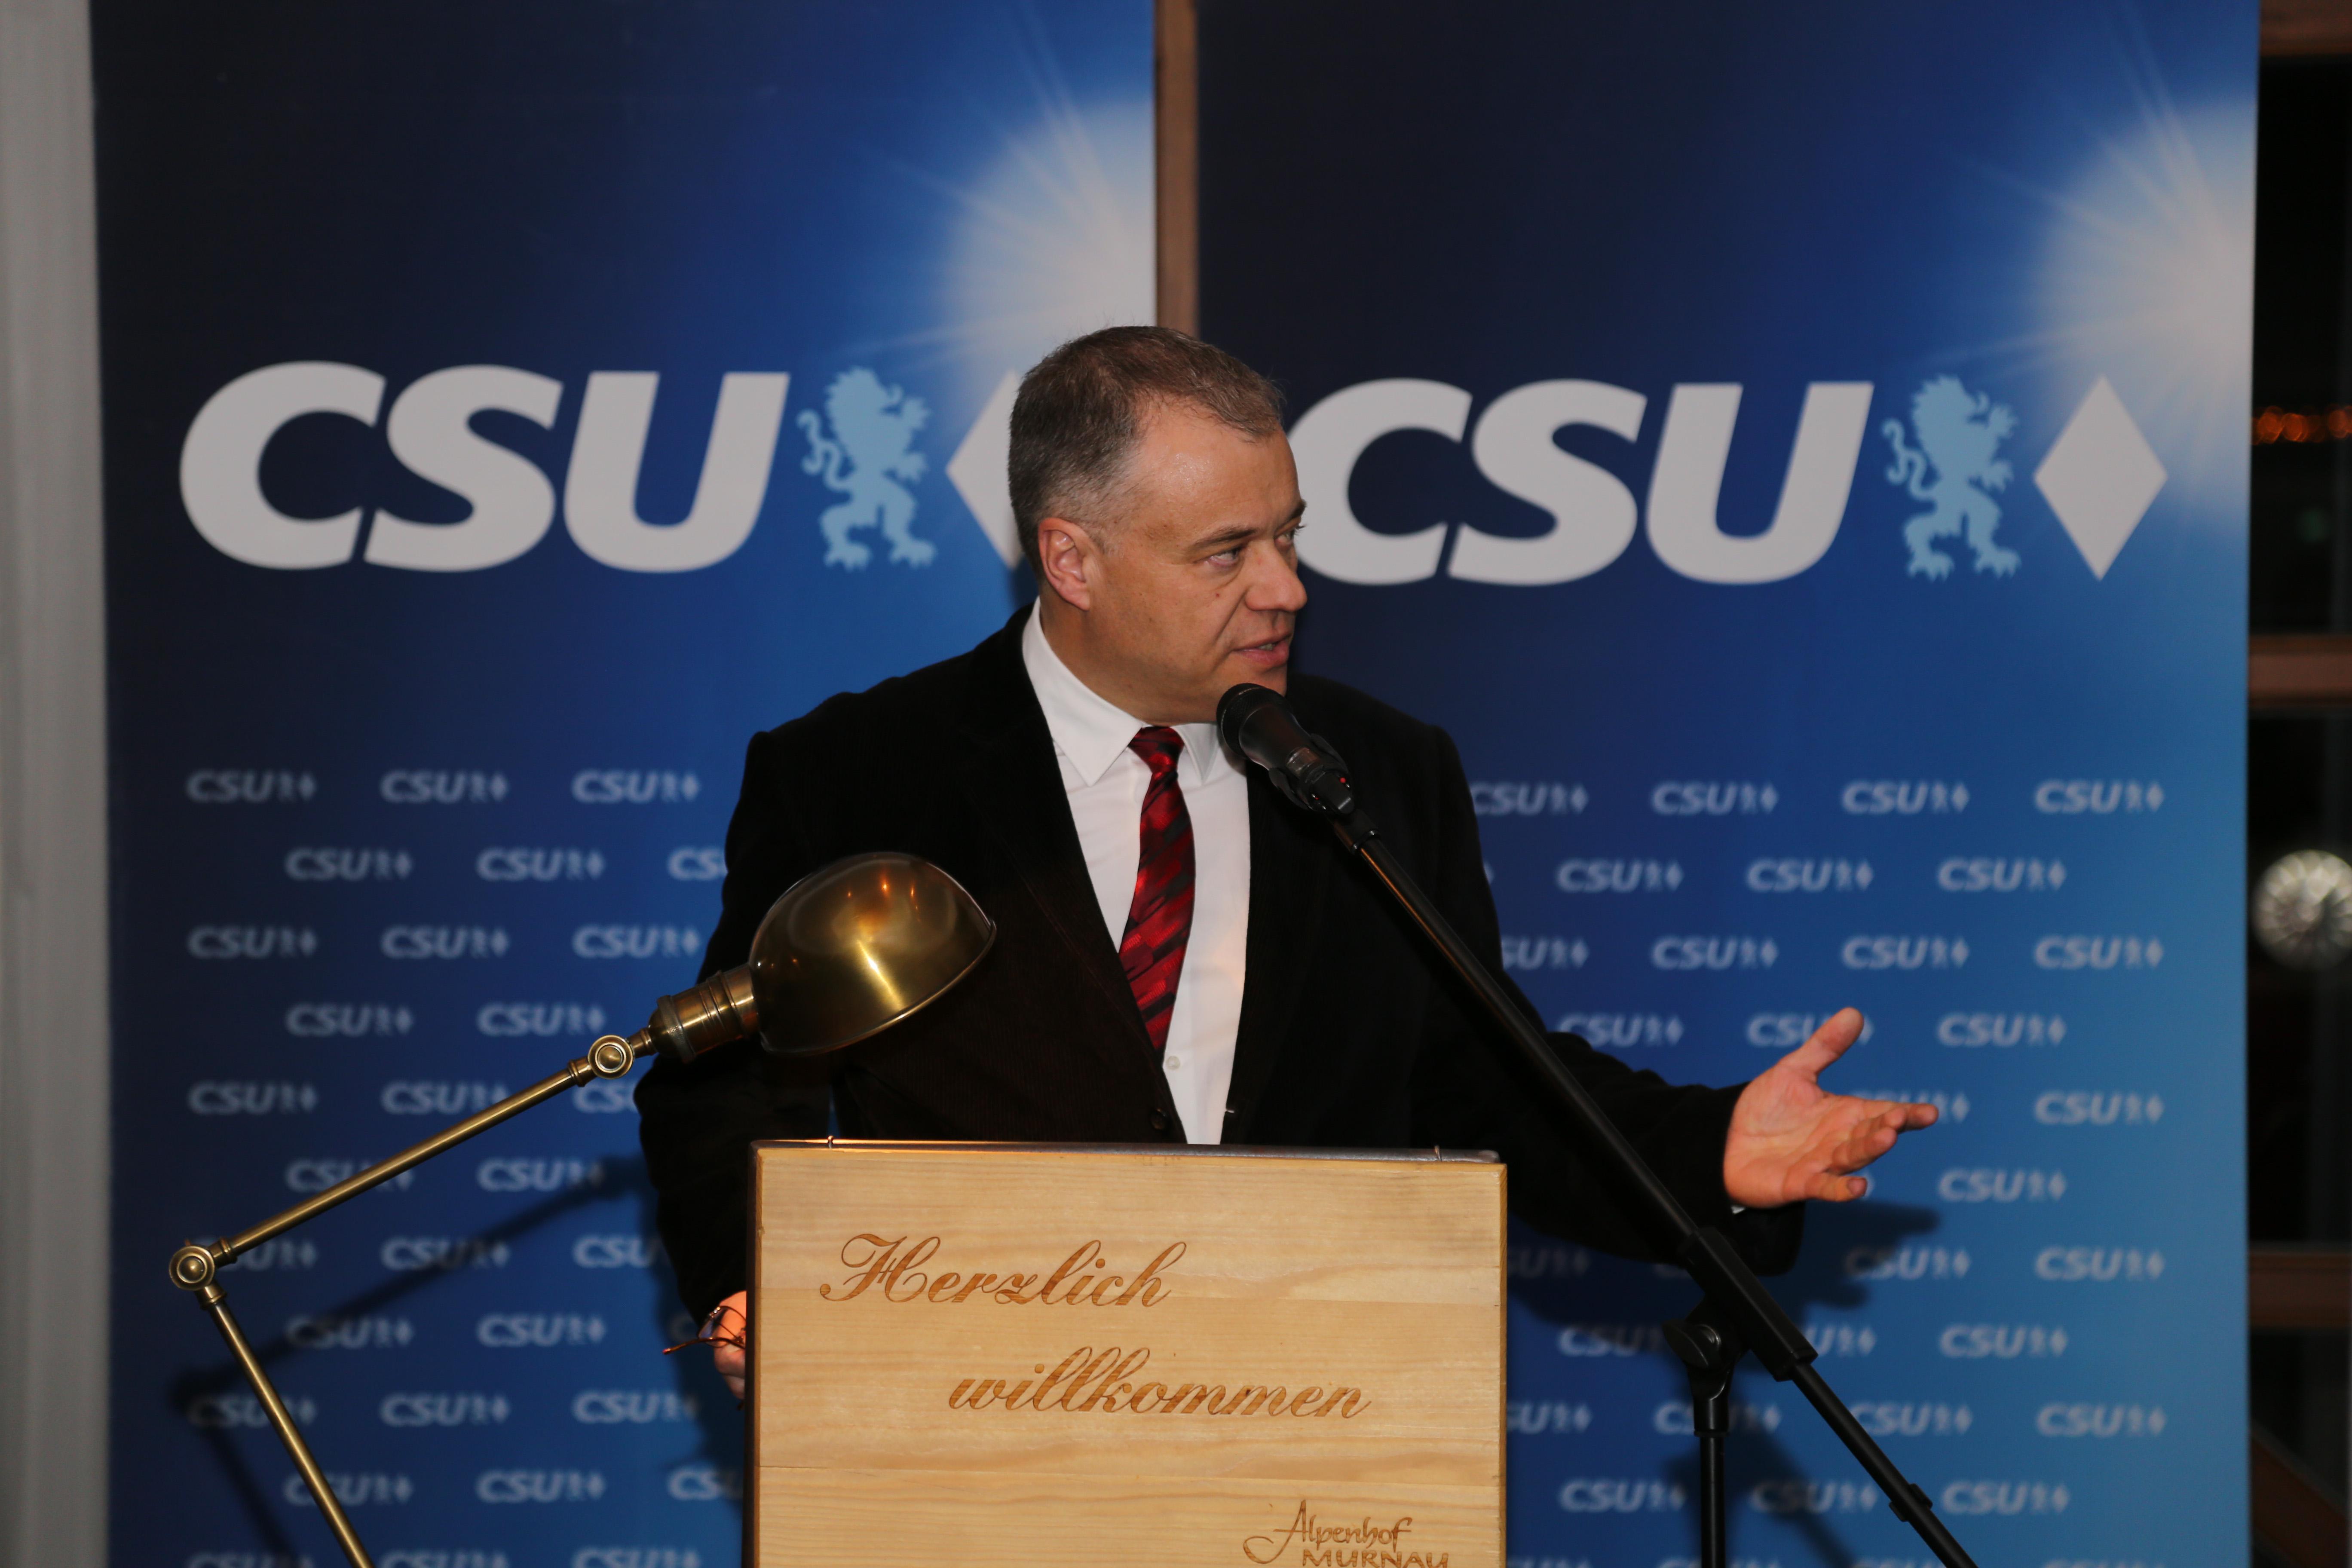 CSU Neujahrsempfang in Murnau,